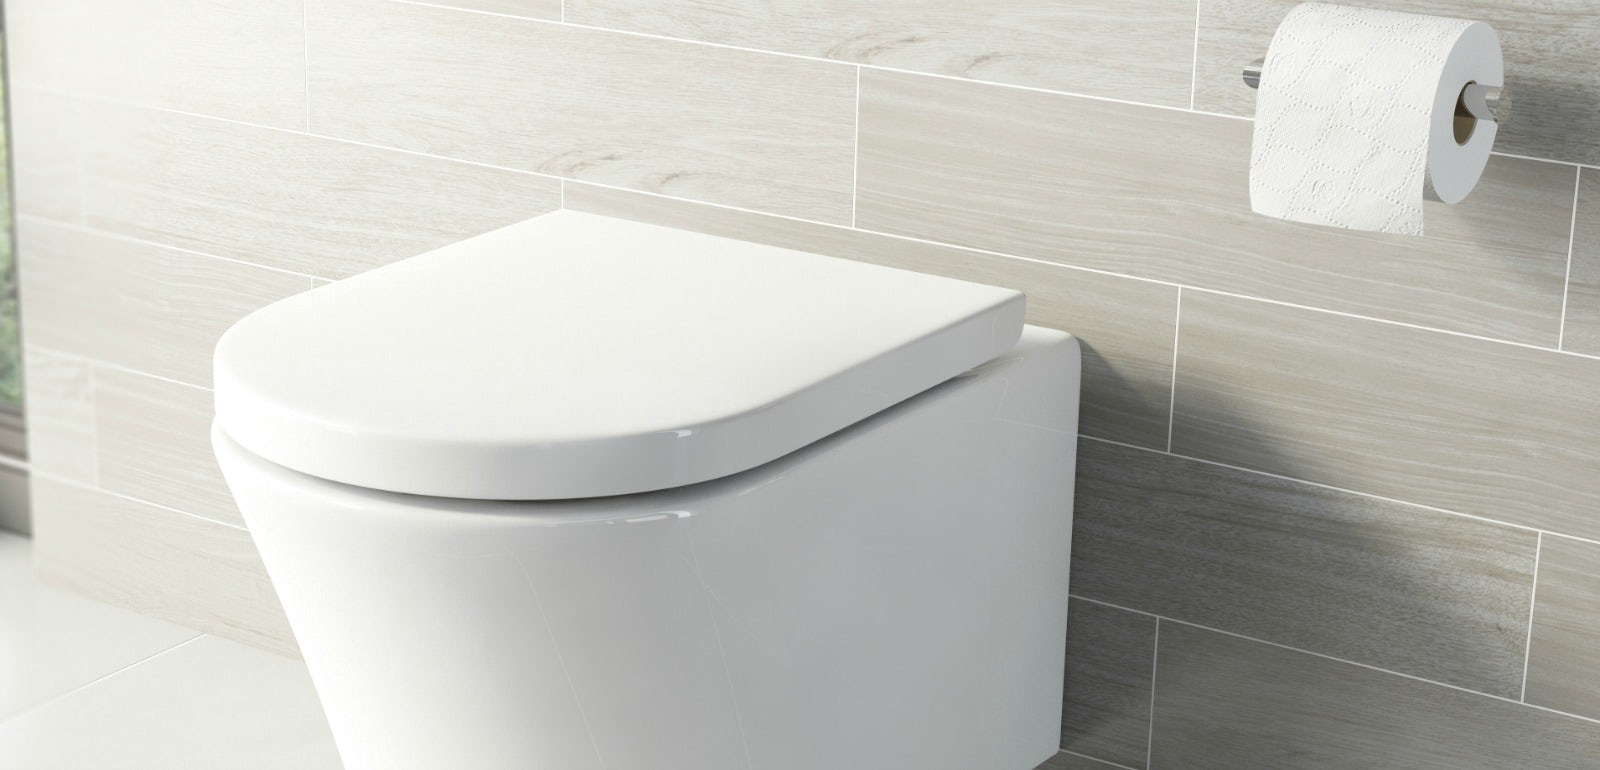 5 reasons to choose a wall hung toilet - Wall Hung Toilet